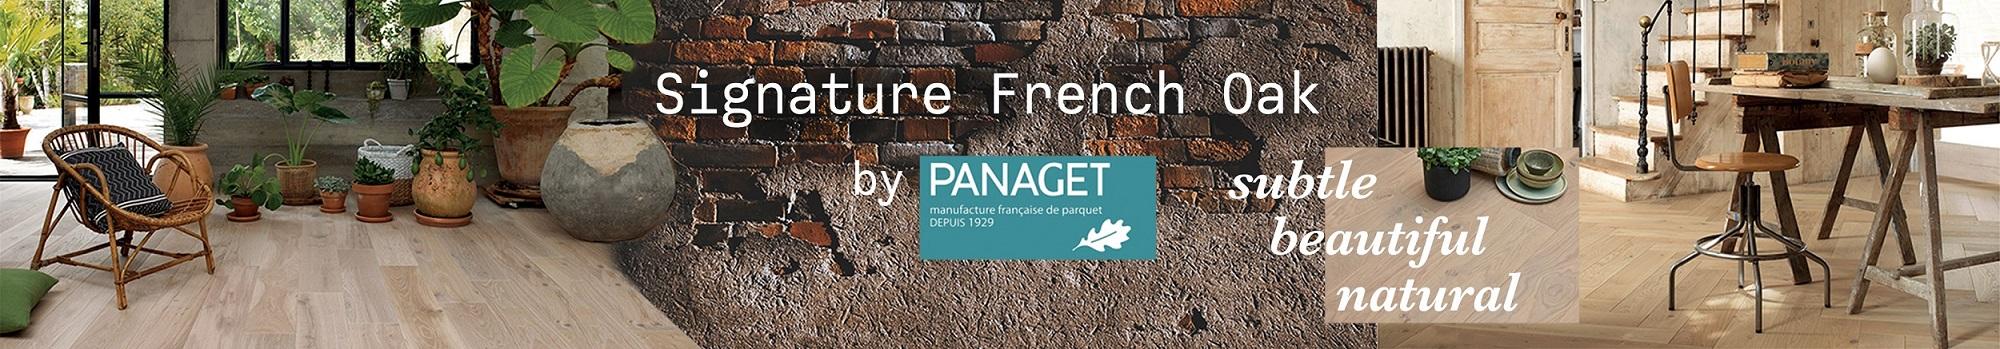 Panaget-Banner-Feb-2020-final-v2_2000_349.jpg